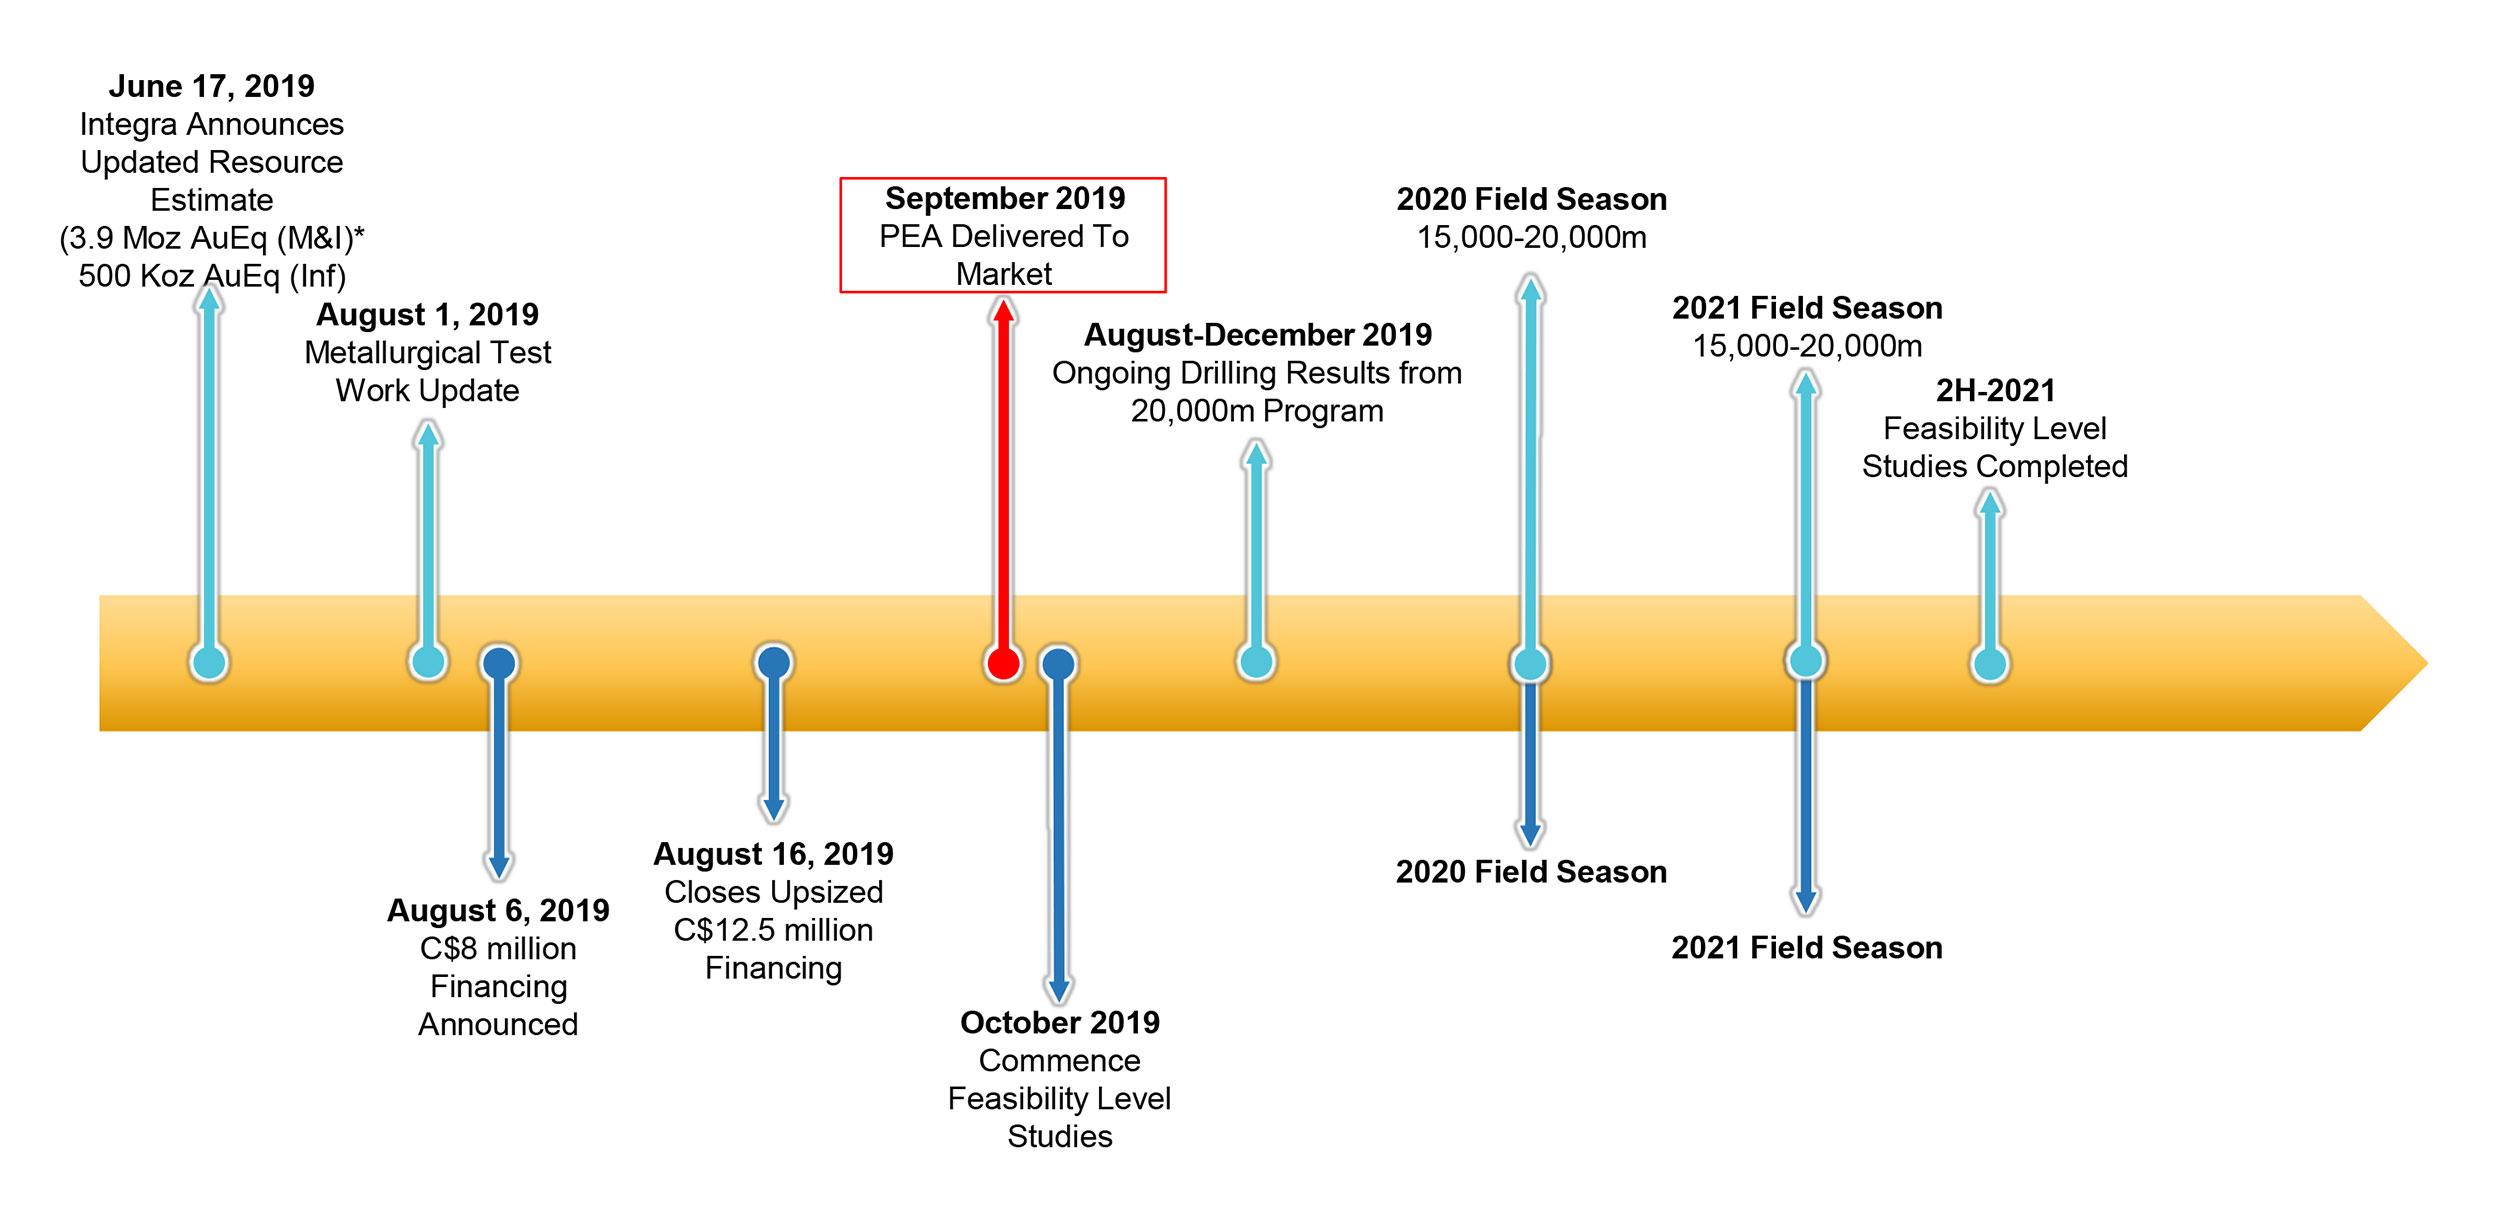 Timeline and Key Milestones